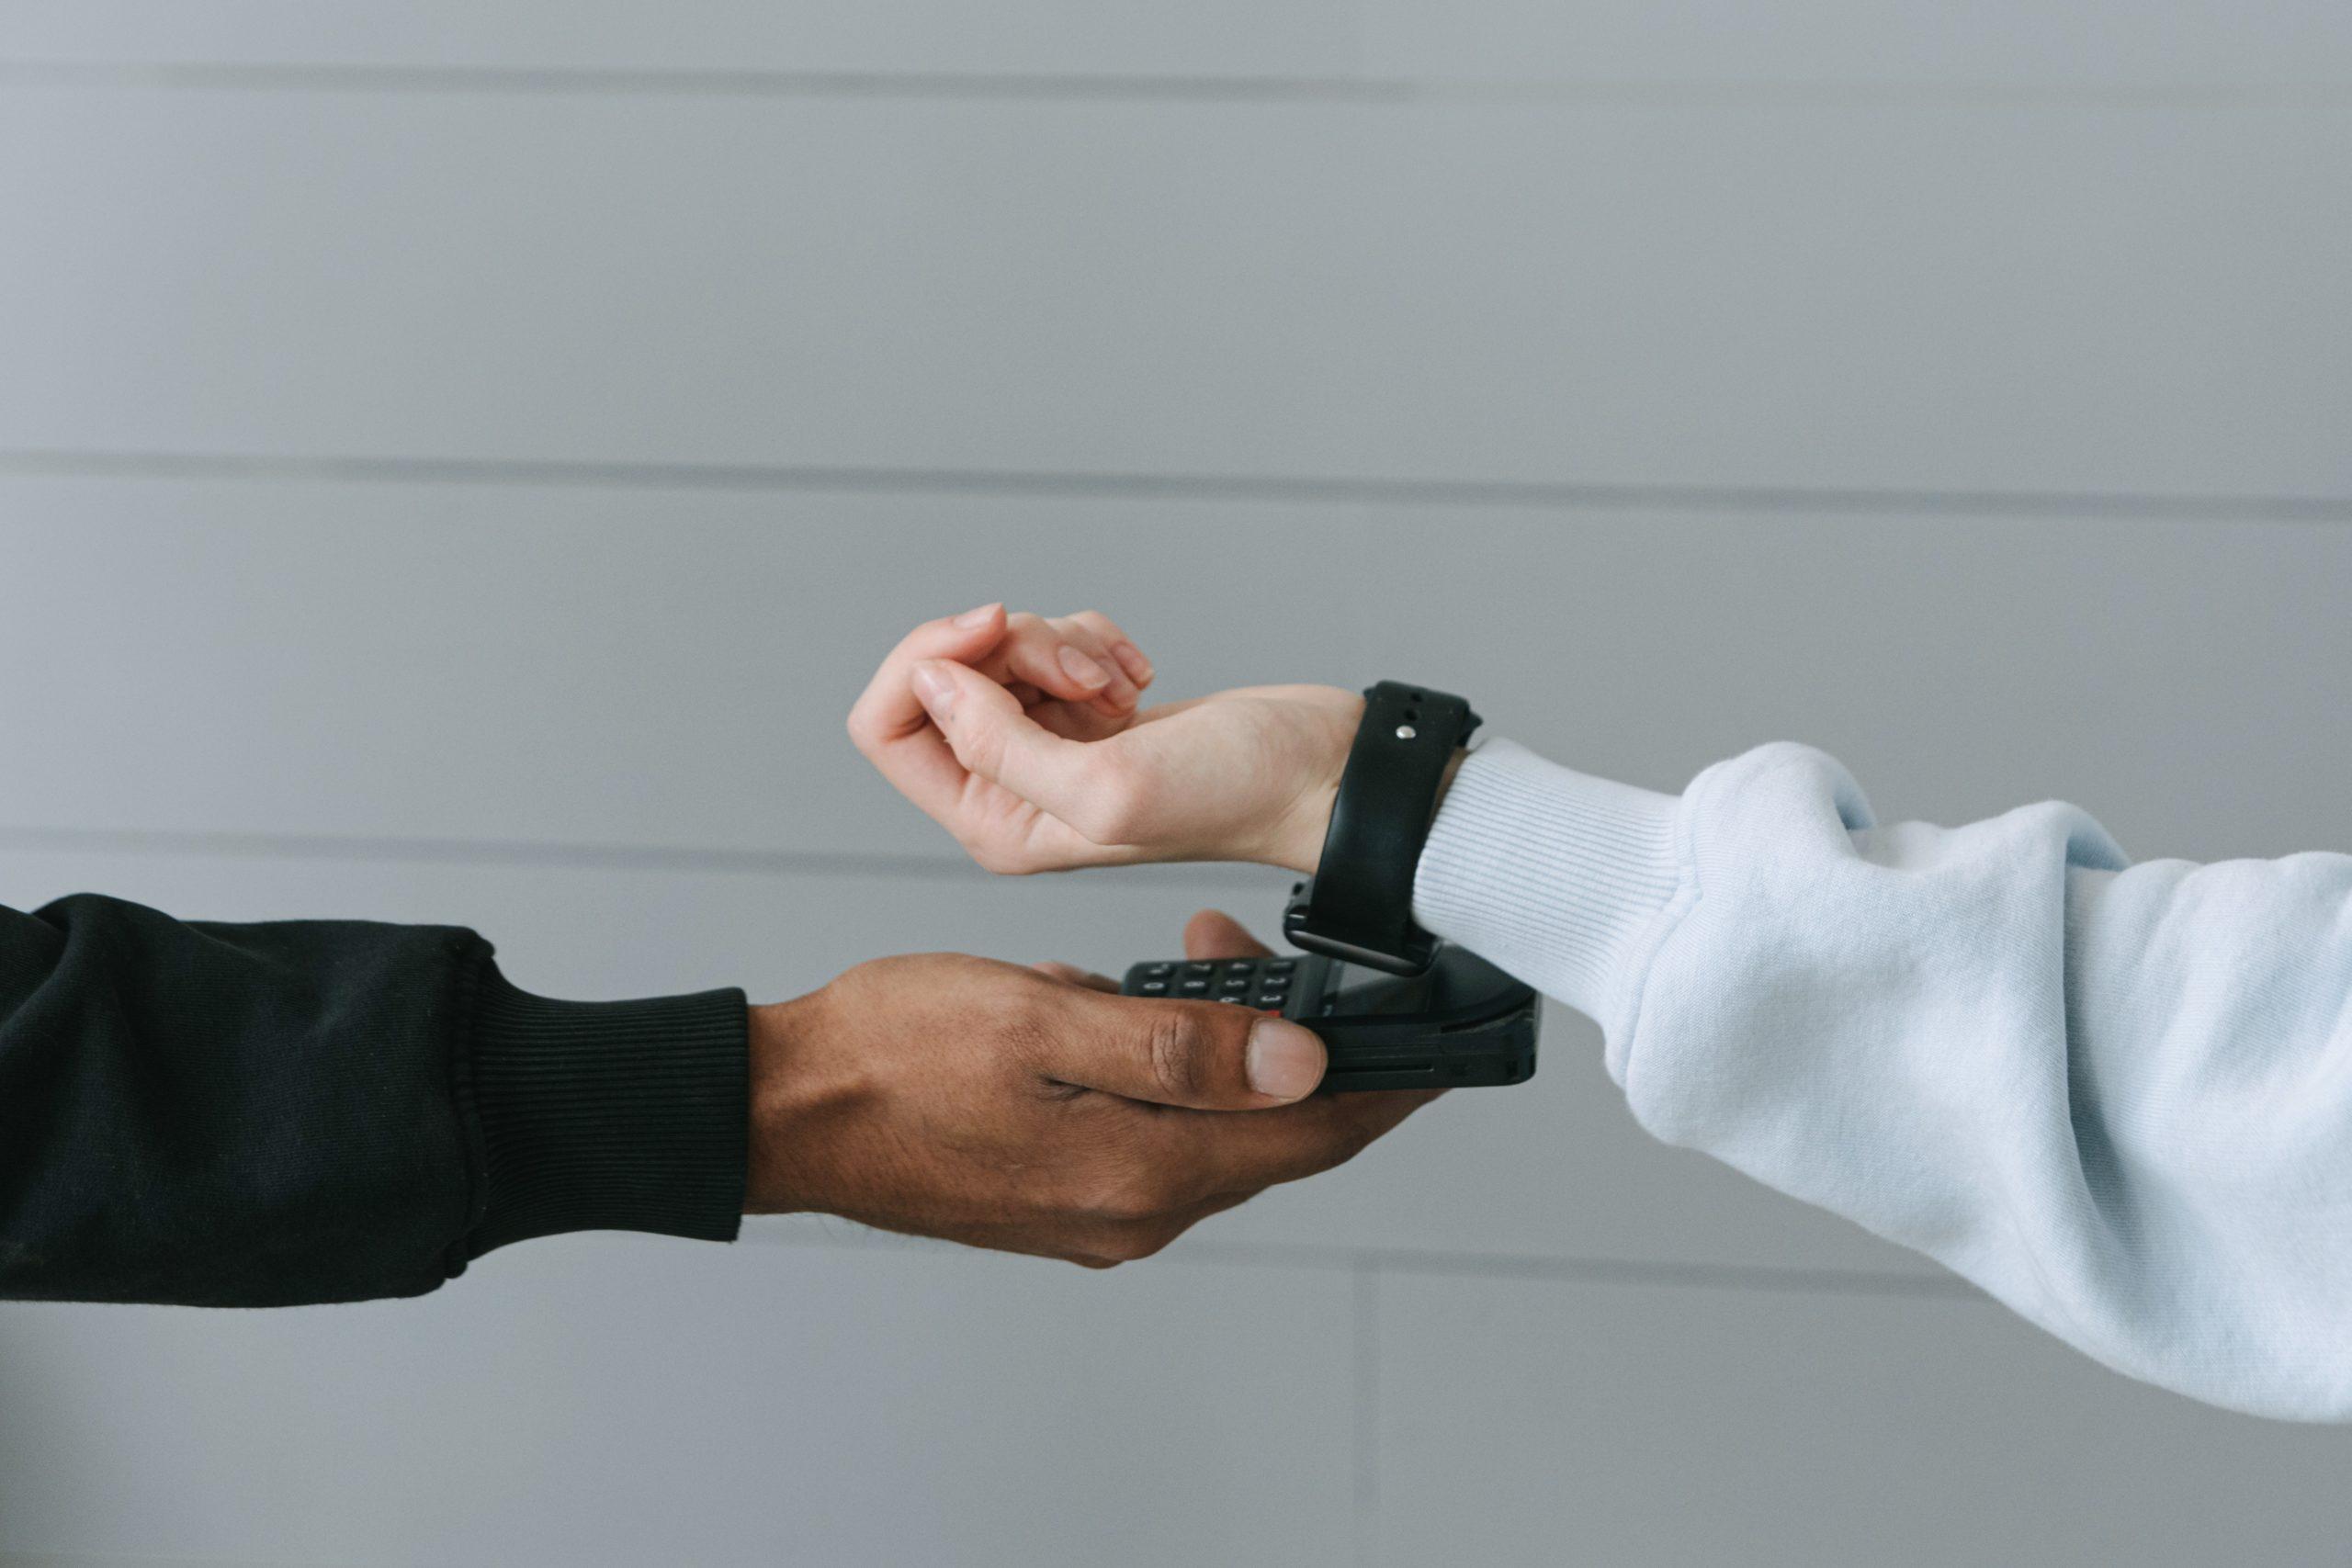 Tecnología wearable: ¿en qué consiste?